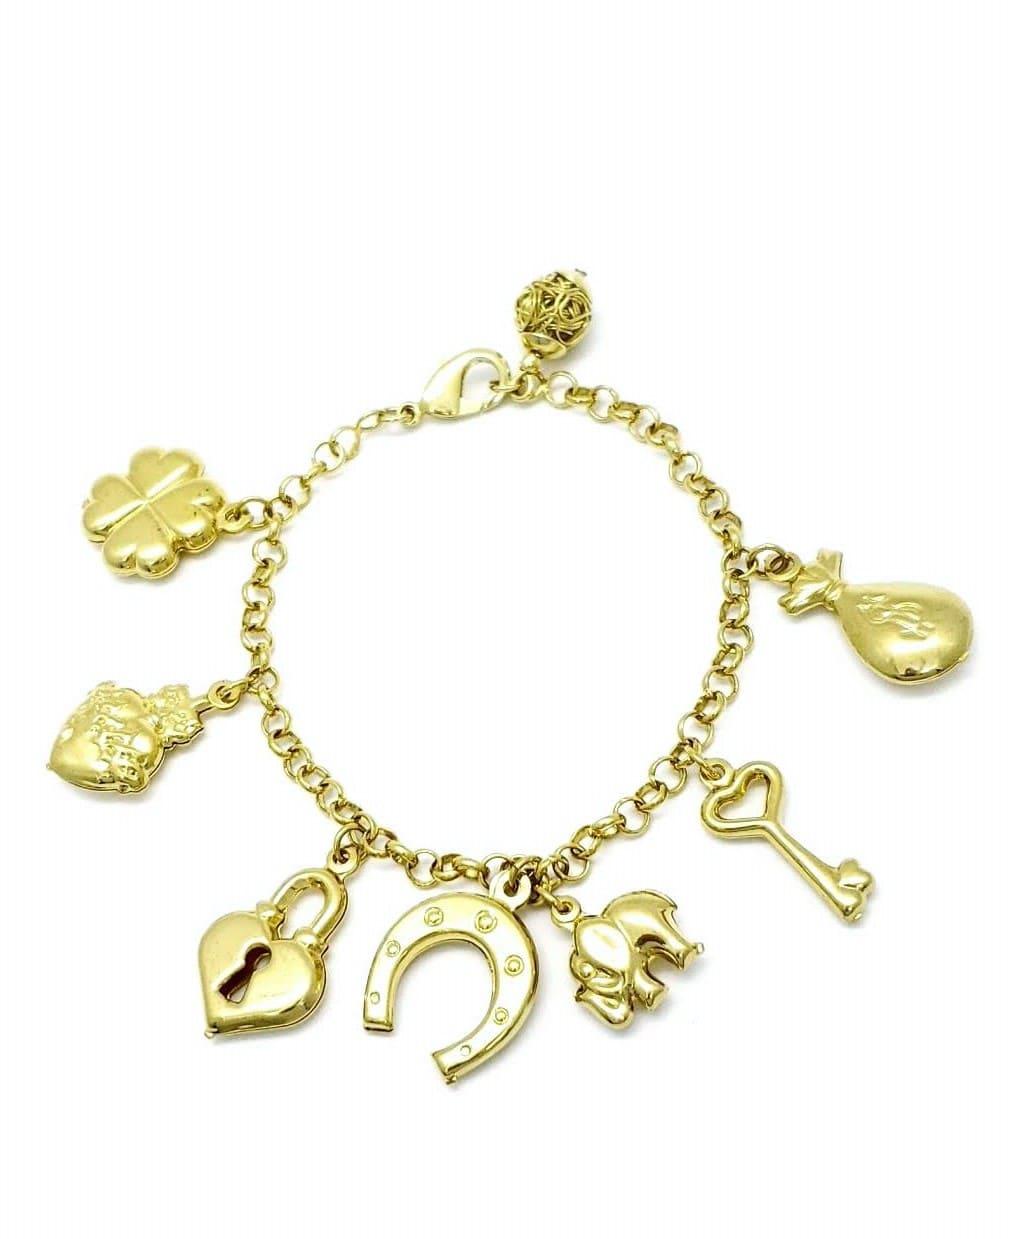 Pulseira 7 Amuletos Da Sorte Patuá 20cm Banhada A Ouro 18k 211